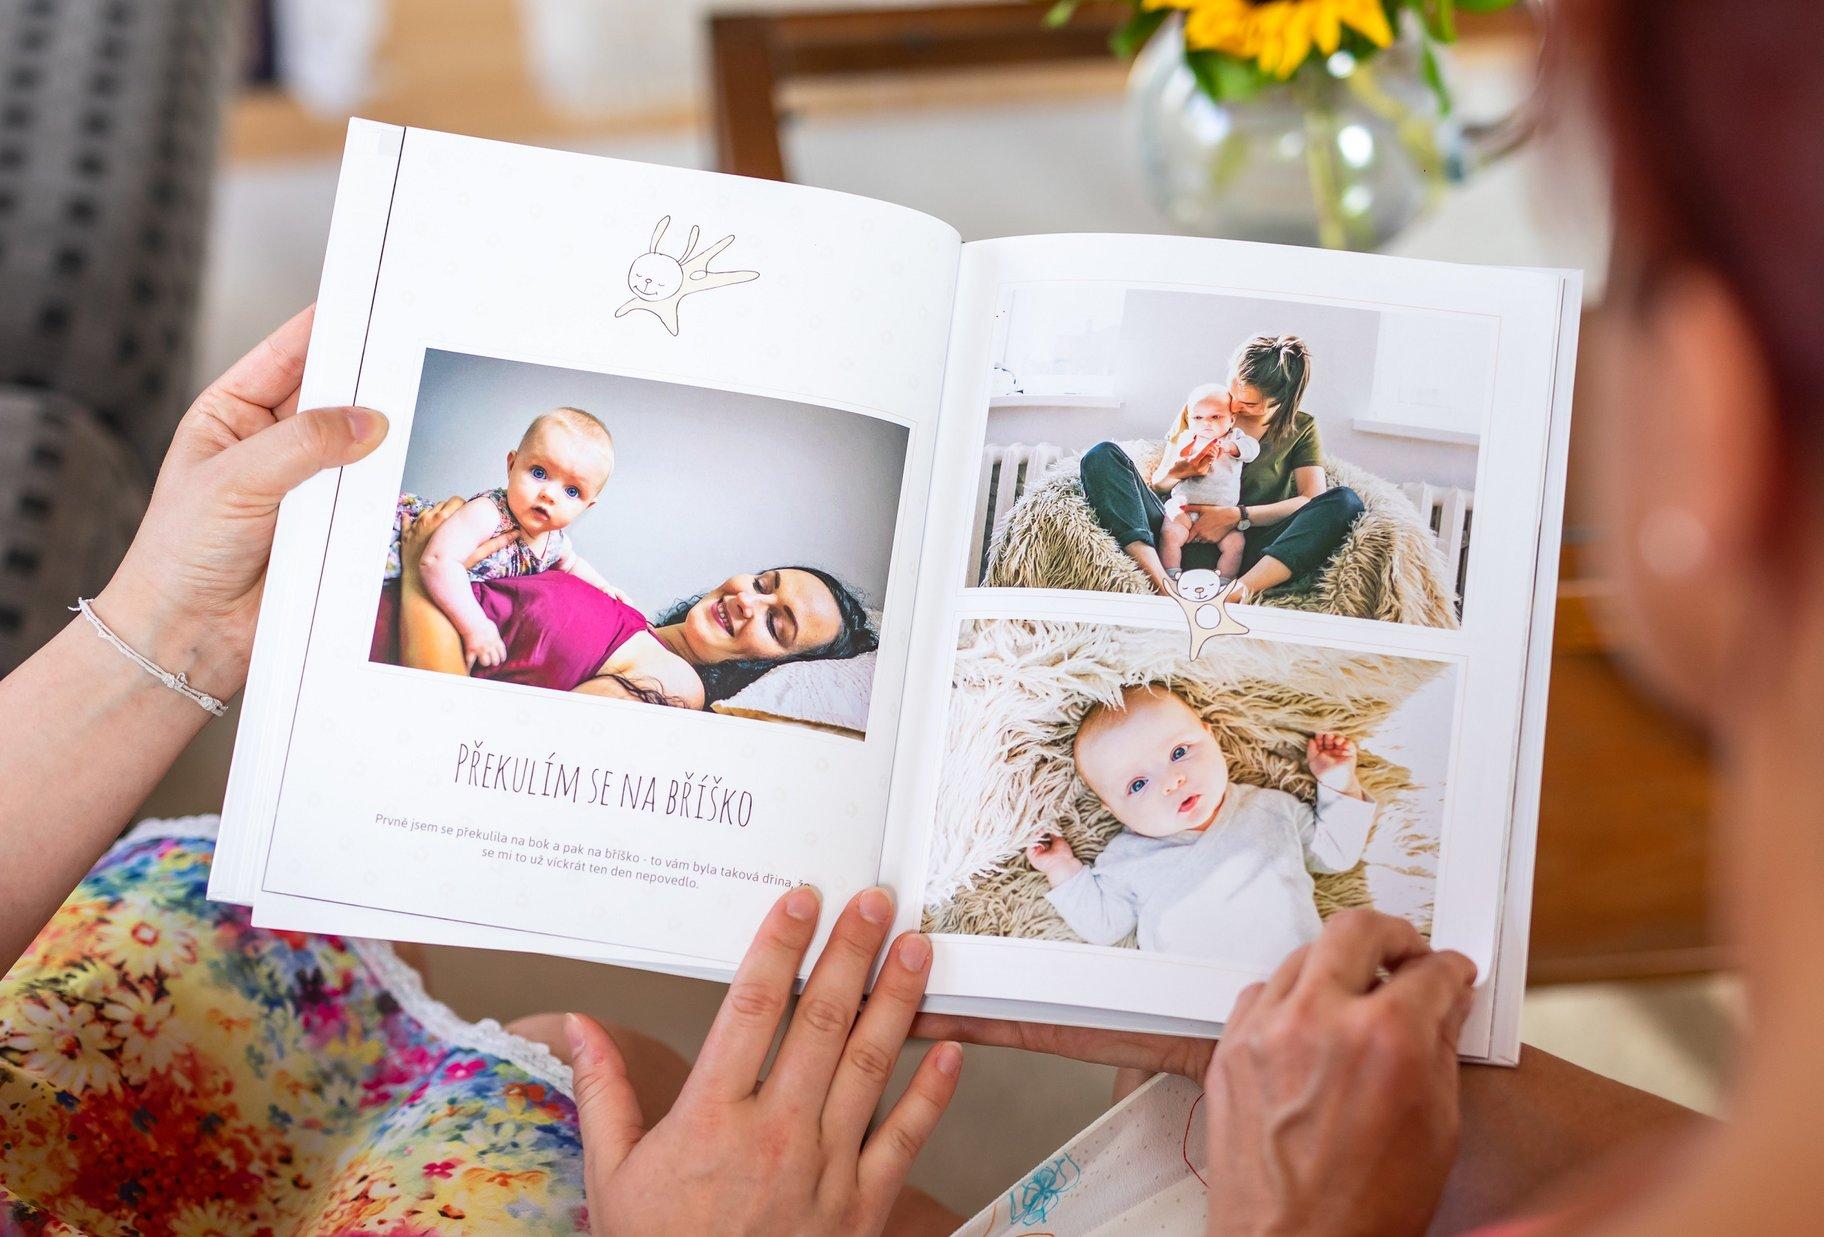 Fotokniha o vašem dítěti s55 % slevou 1